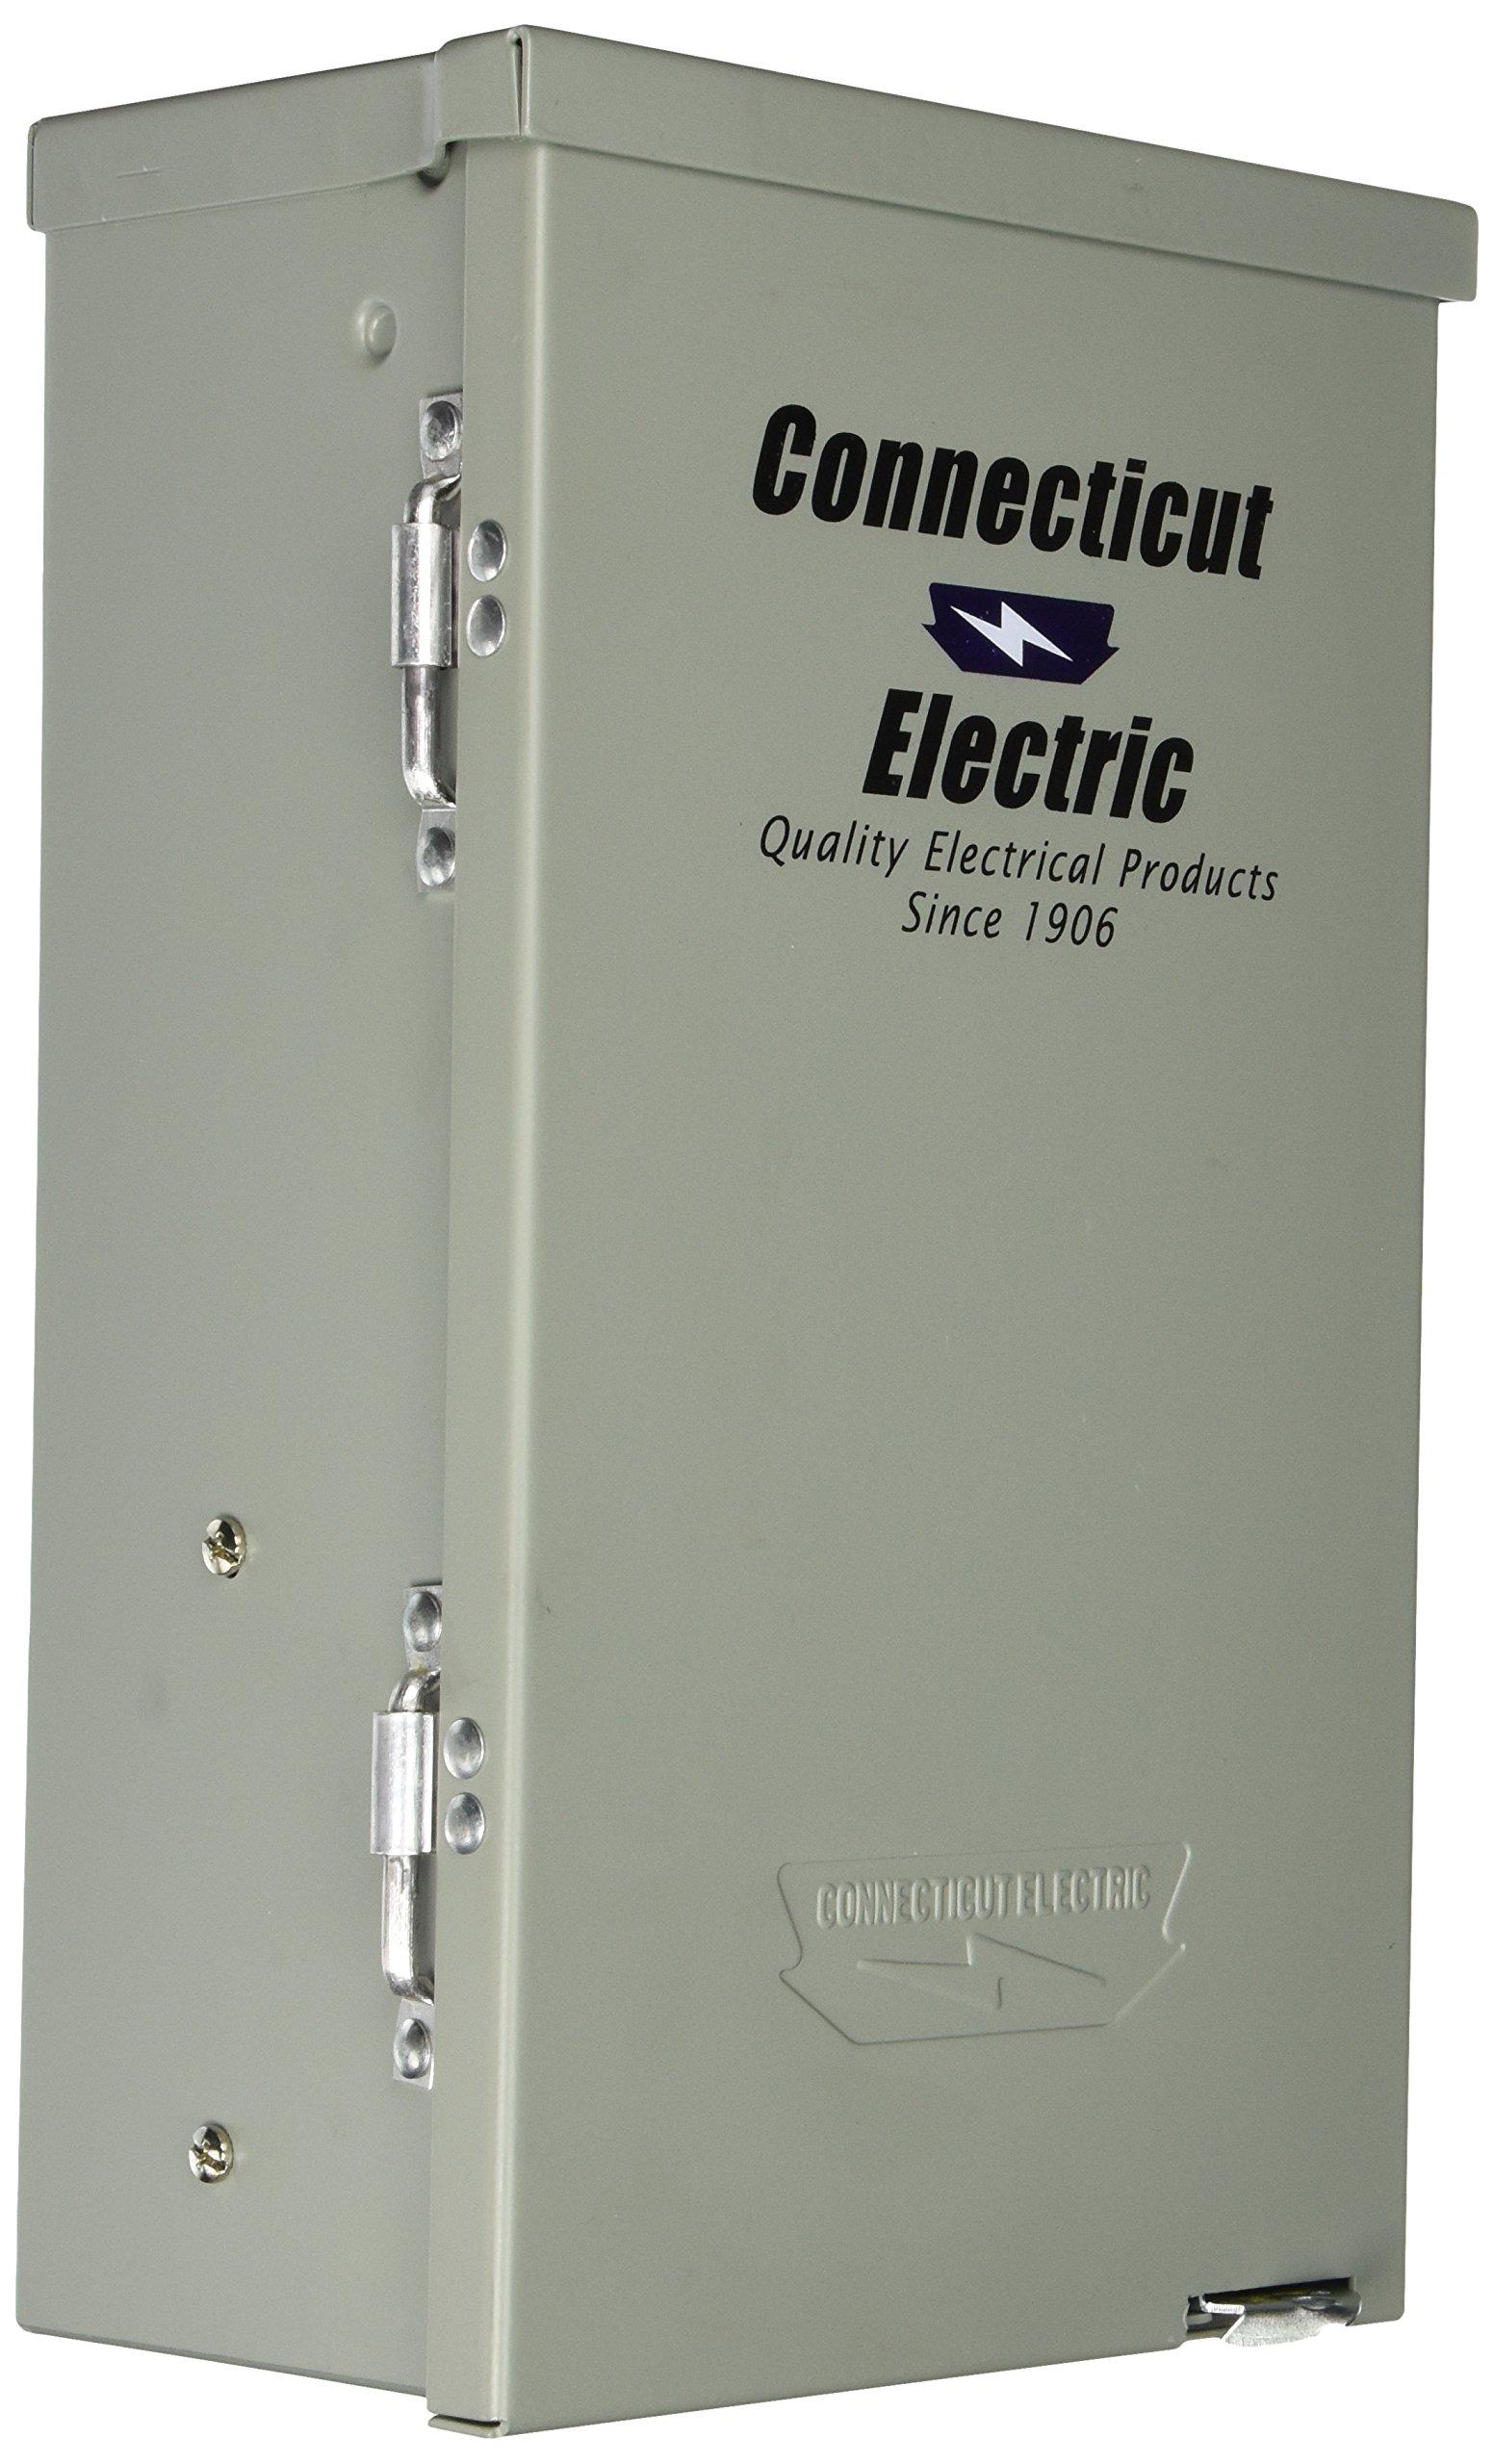 Connecticut Electric CESMPSC41GRHR 30-Amps/120240-Volt Circuit Protected RV Power Outlet